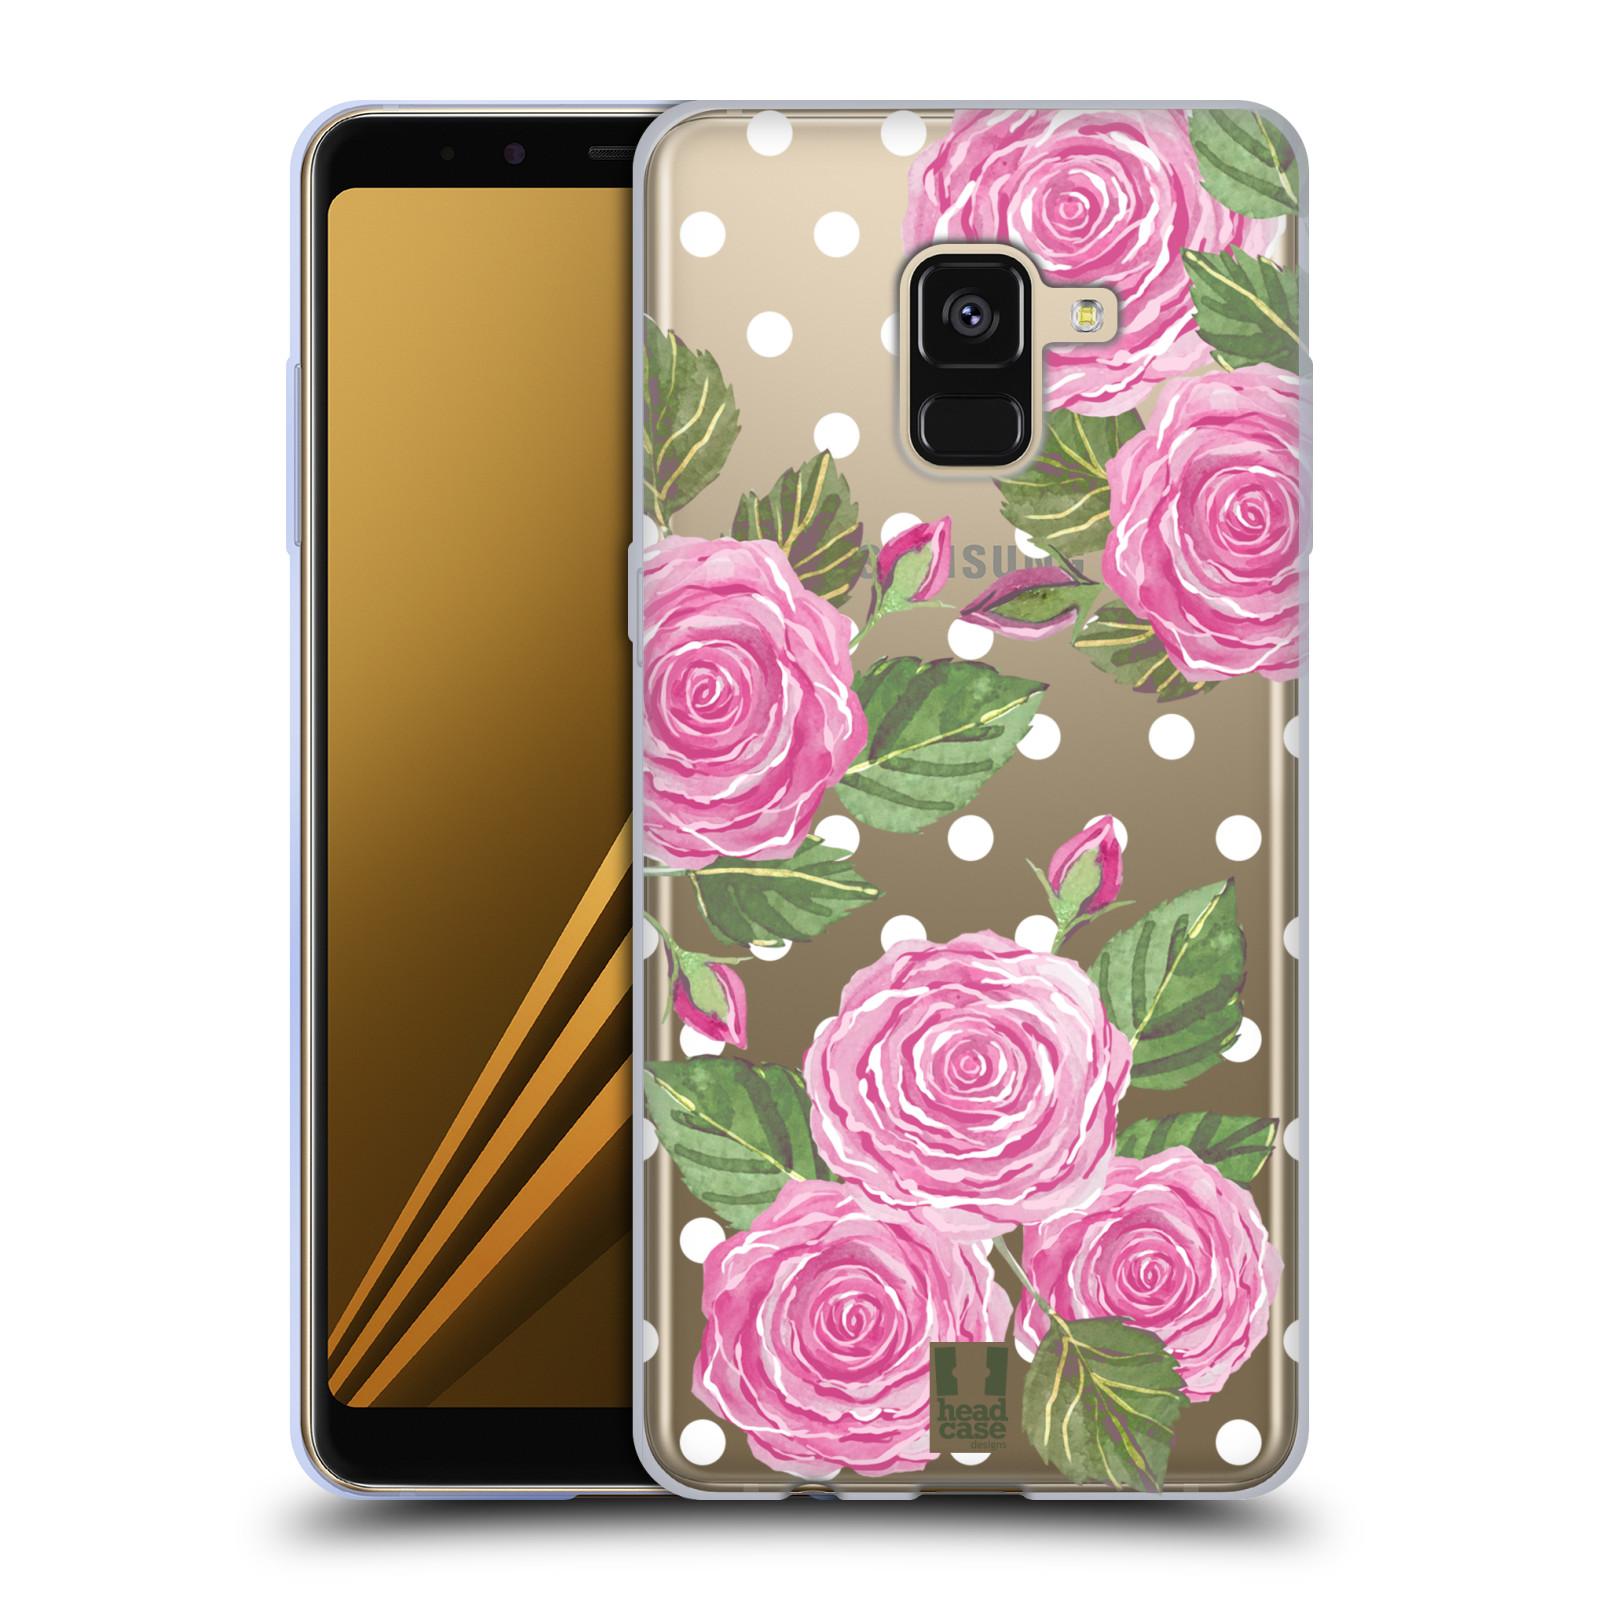 Silikonové pouzdro na mobil Samsung Galaxy A8 (2018) - Head Case - Hezoučké růžičky - průhledné